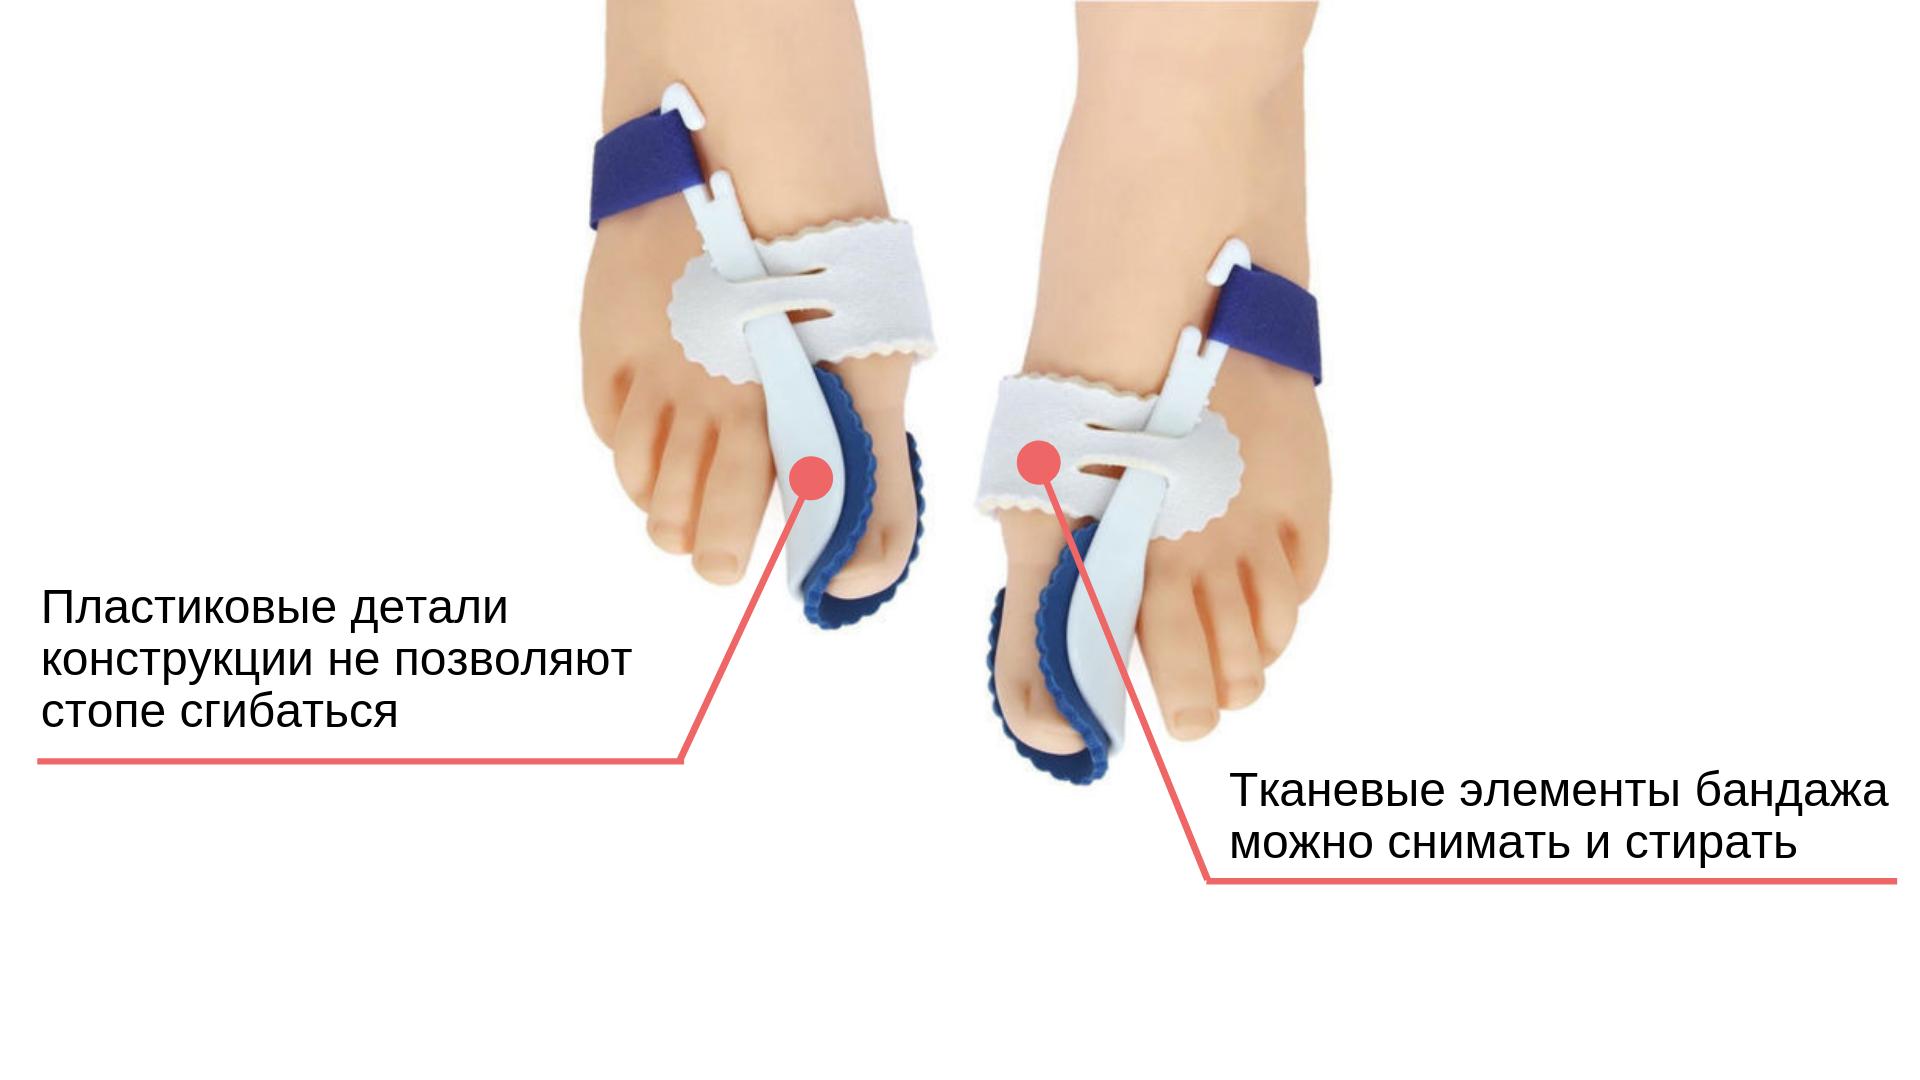 Фиксатор для косточки на ноге – обзор и отзывы